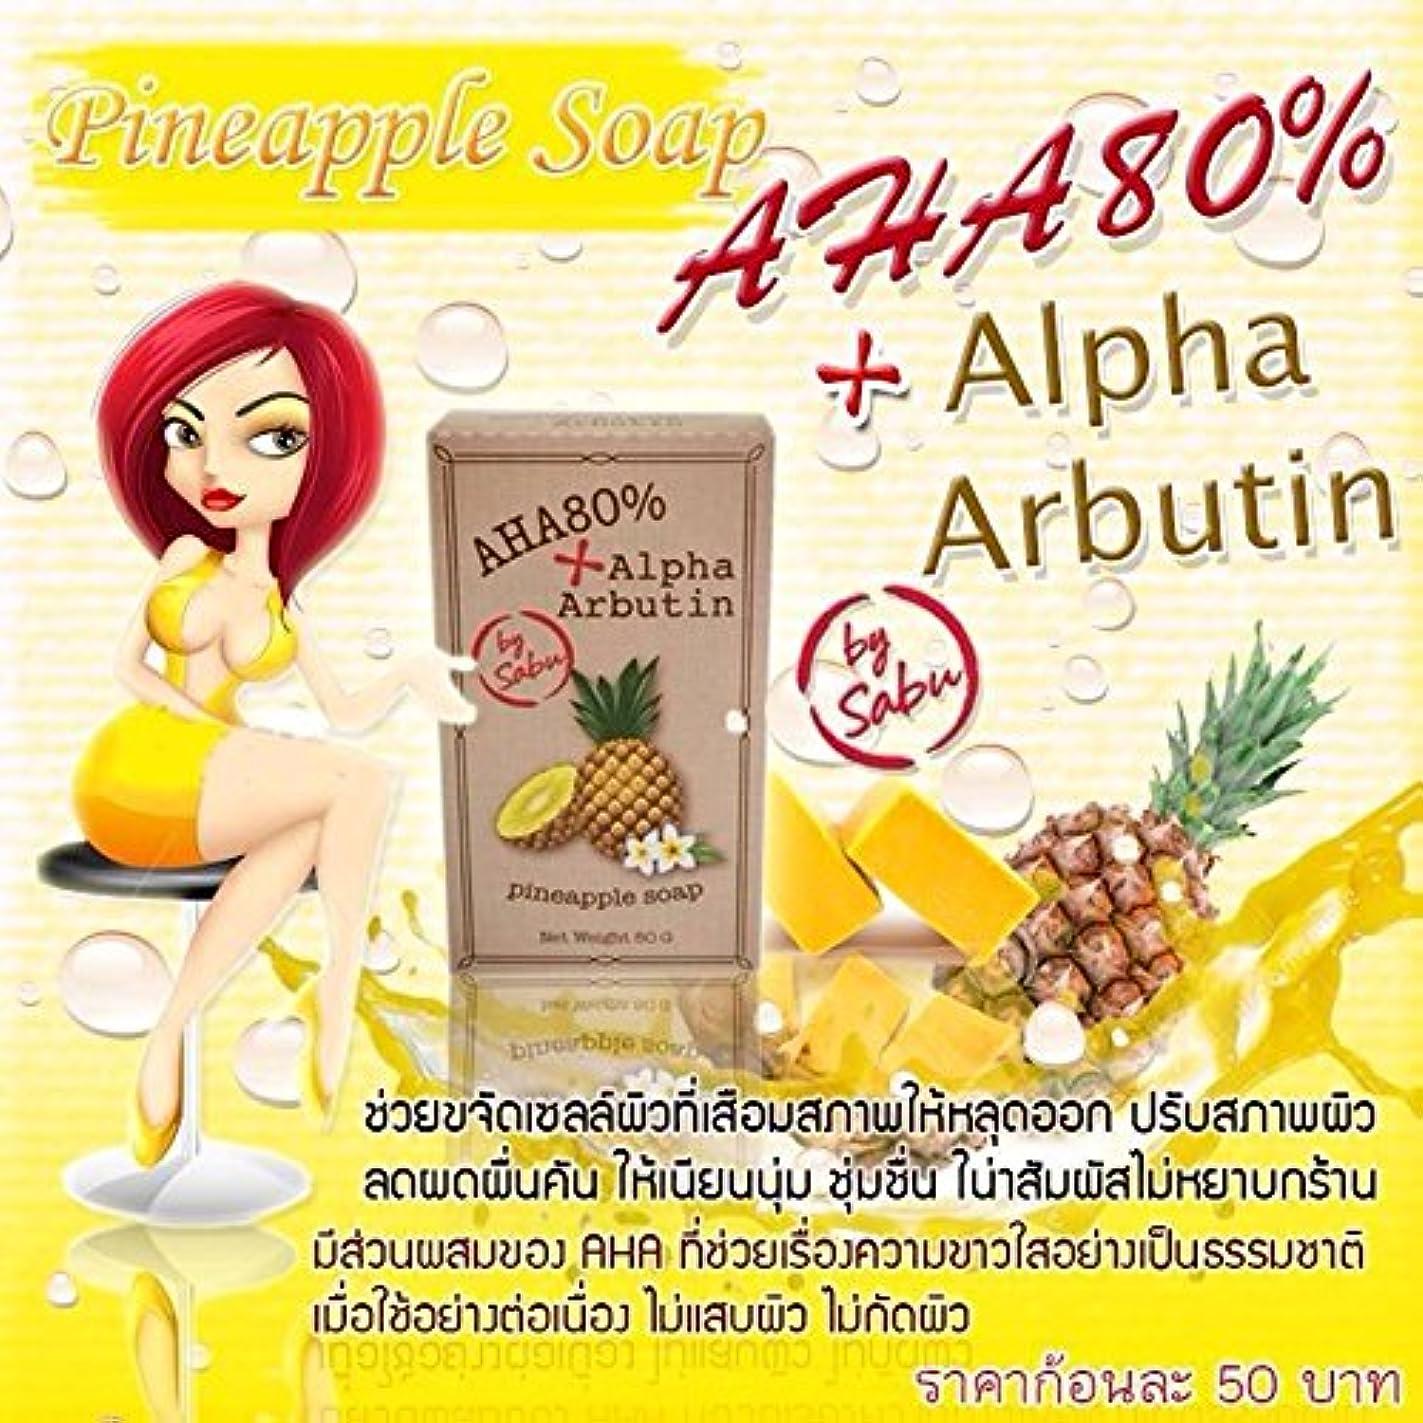 コンテンツ弁護士暗い1 X Natural Herbal Whitening Soap.Alpha-Arbutin Pineapple AHA 80%. The skin whitening process is rapid. 80 g....